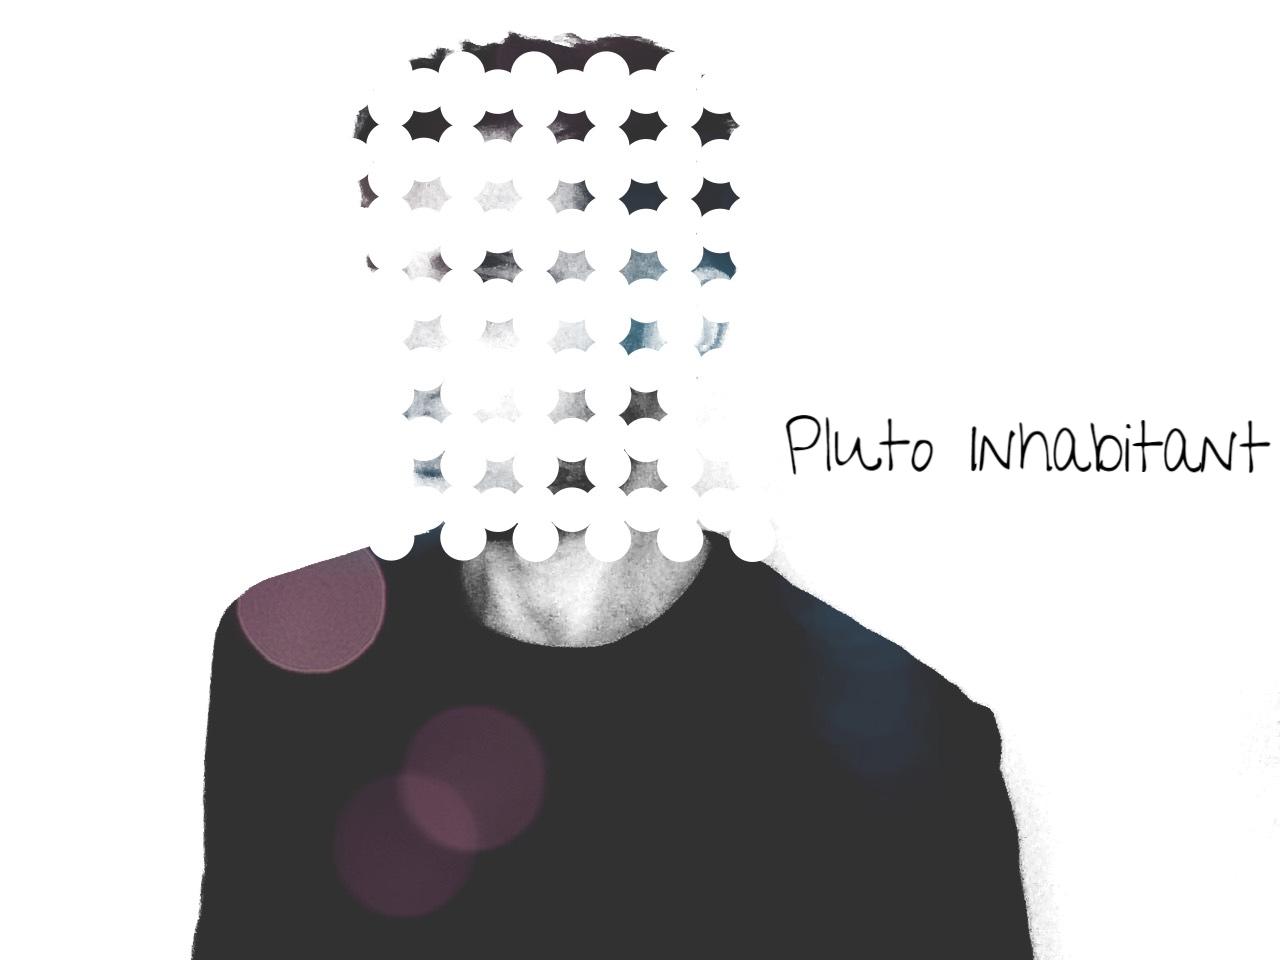 Pluto Inhabitant